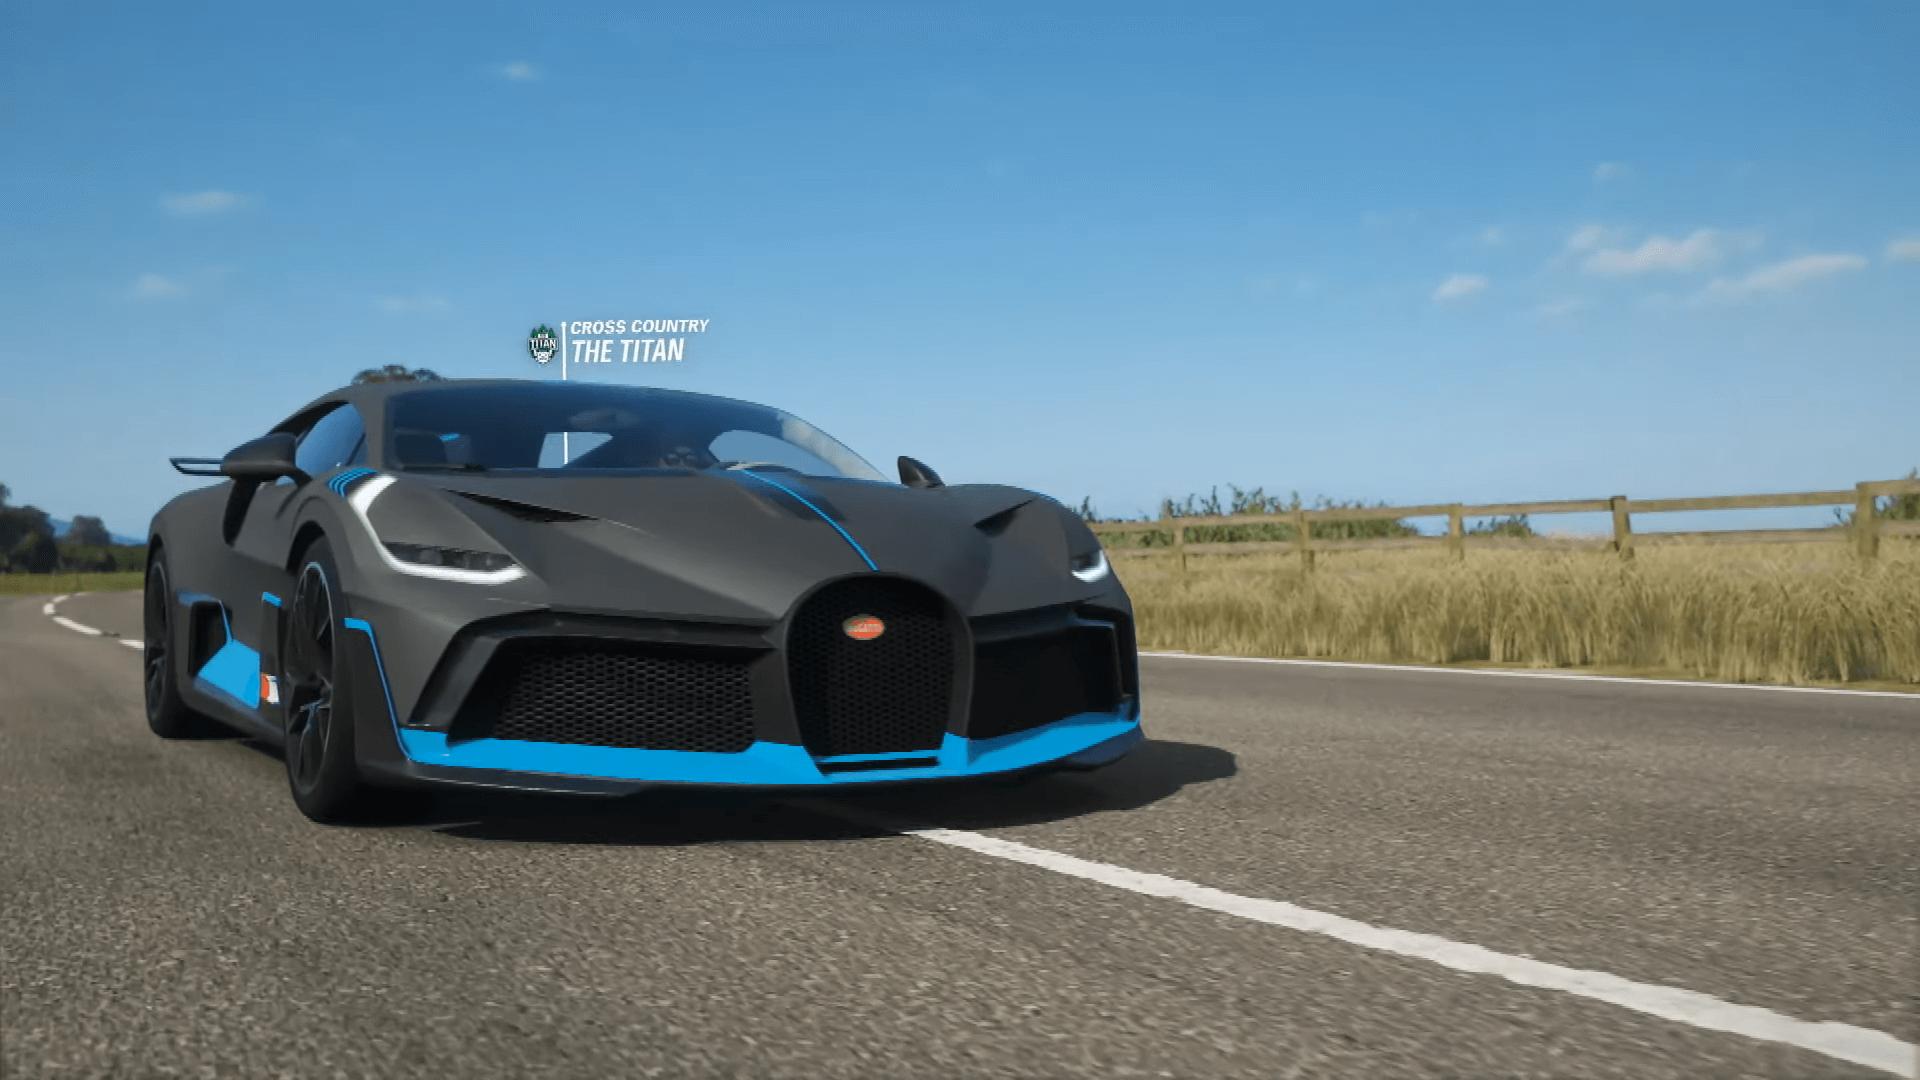 Forza Horizon 4 Series 15 Preview: Bugatti Divo, Koenigsegg CCGT ...